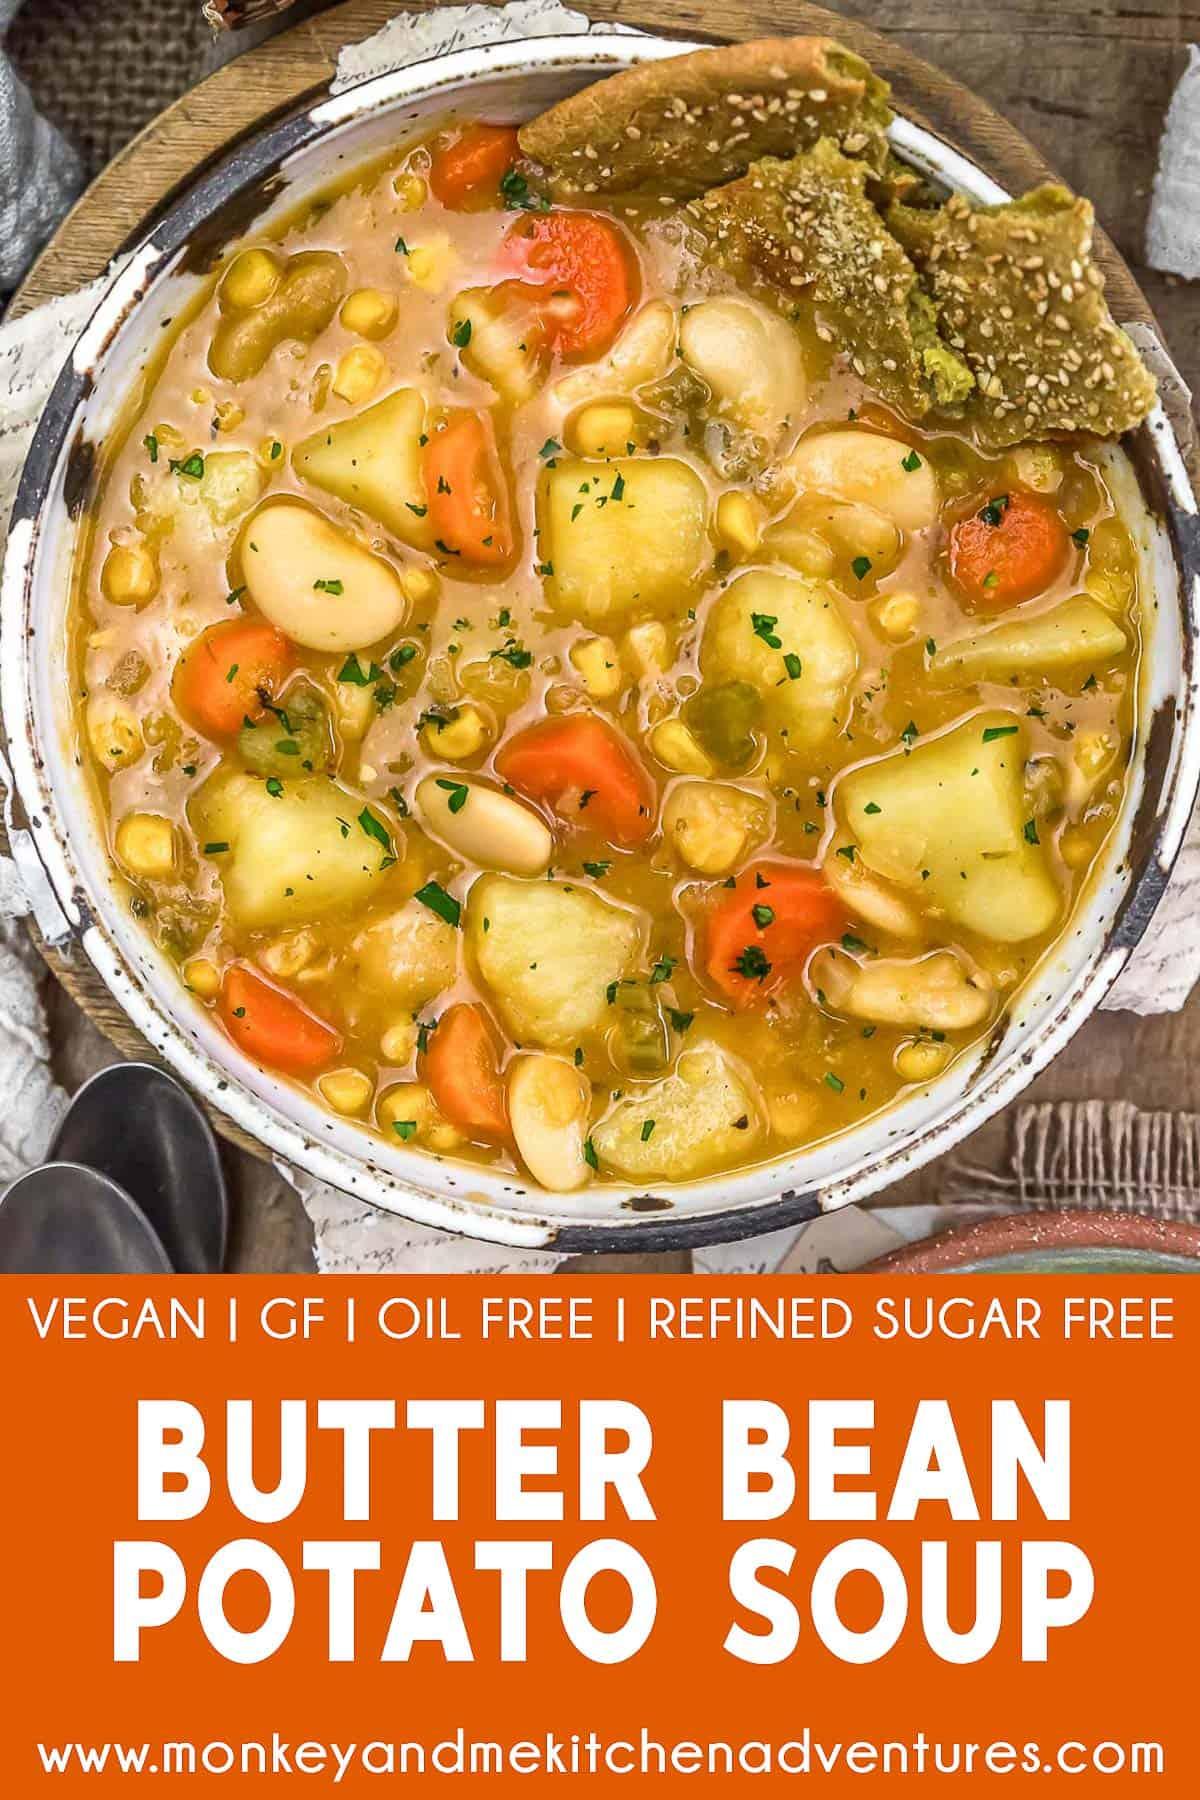 Butter Bean Potato Soup with text description